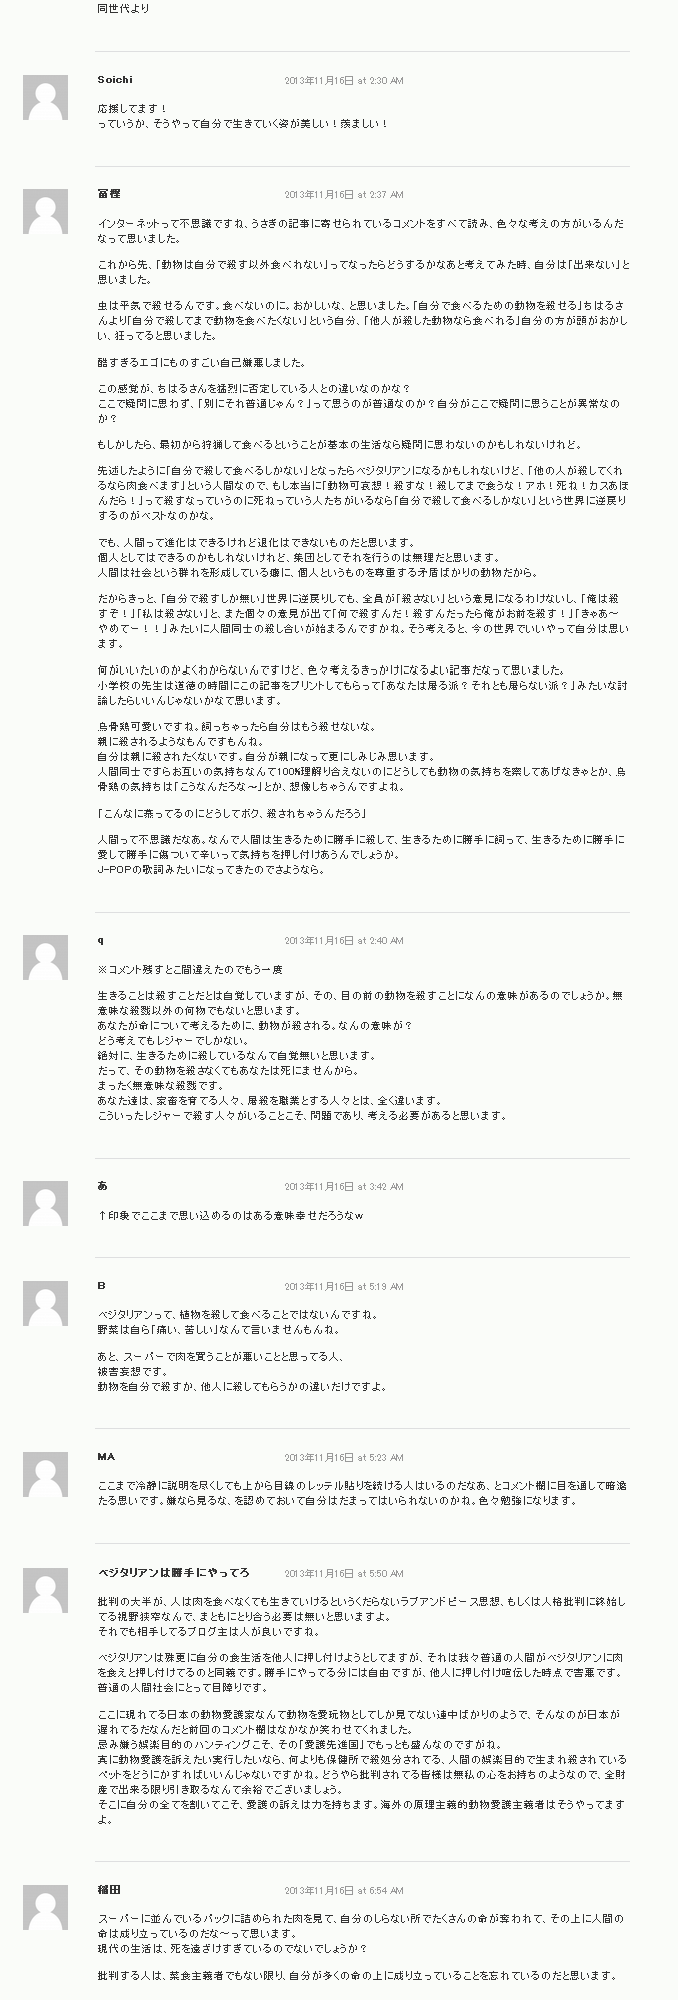 ウサギを狩って解体して食べた女の子のブログが炎上。「家族も苦しめ」「◯ね」等と酷いコメントをする馬鹿も出現